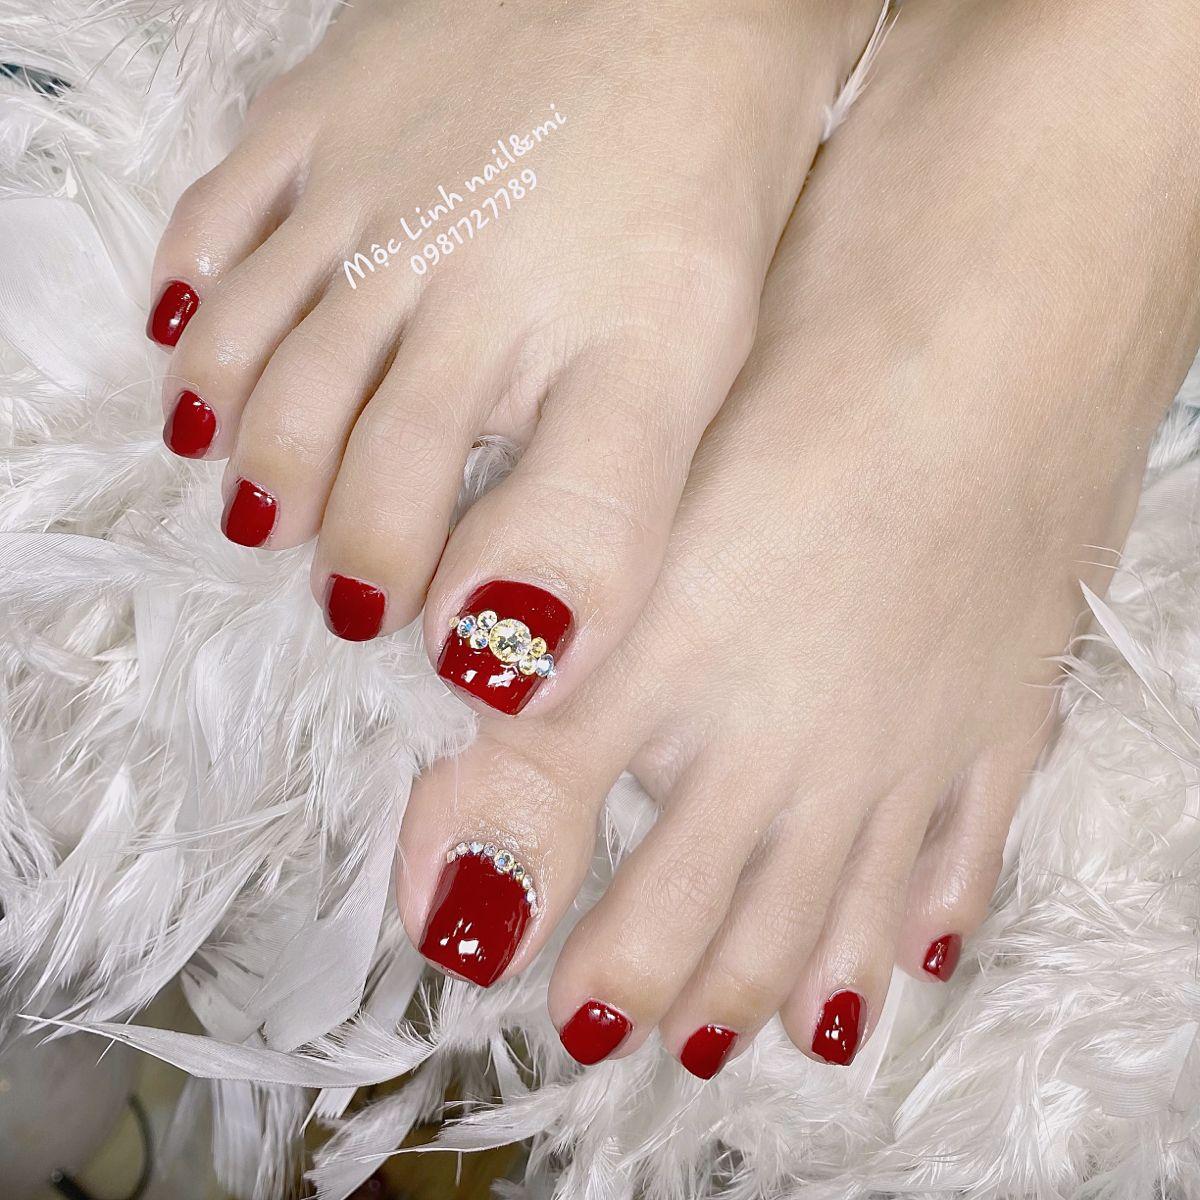 Ghim của Mèo trên xinh đẹp | Móng chân, Móng tay, Hoa